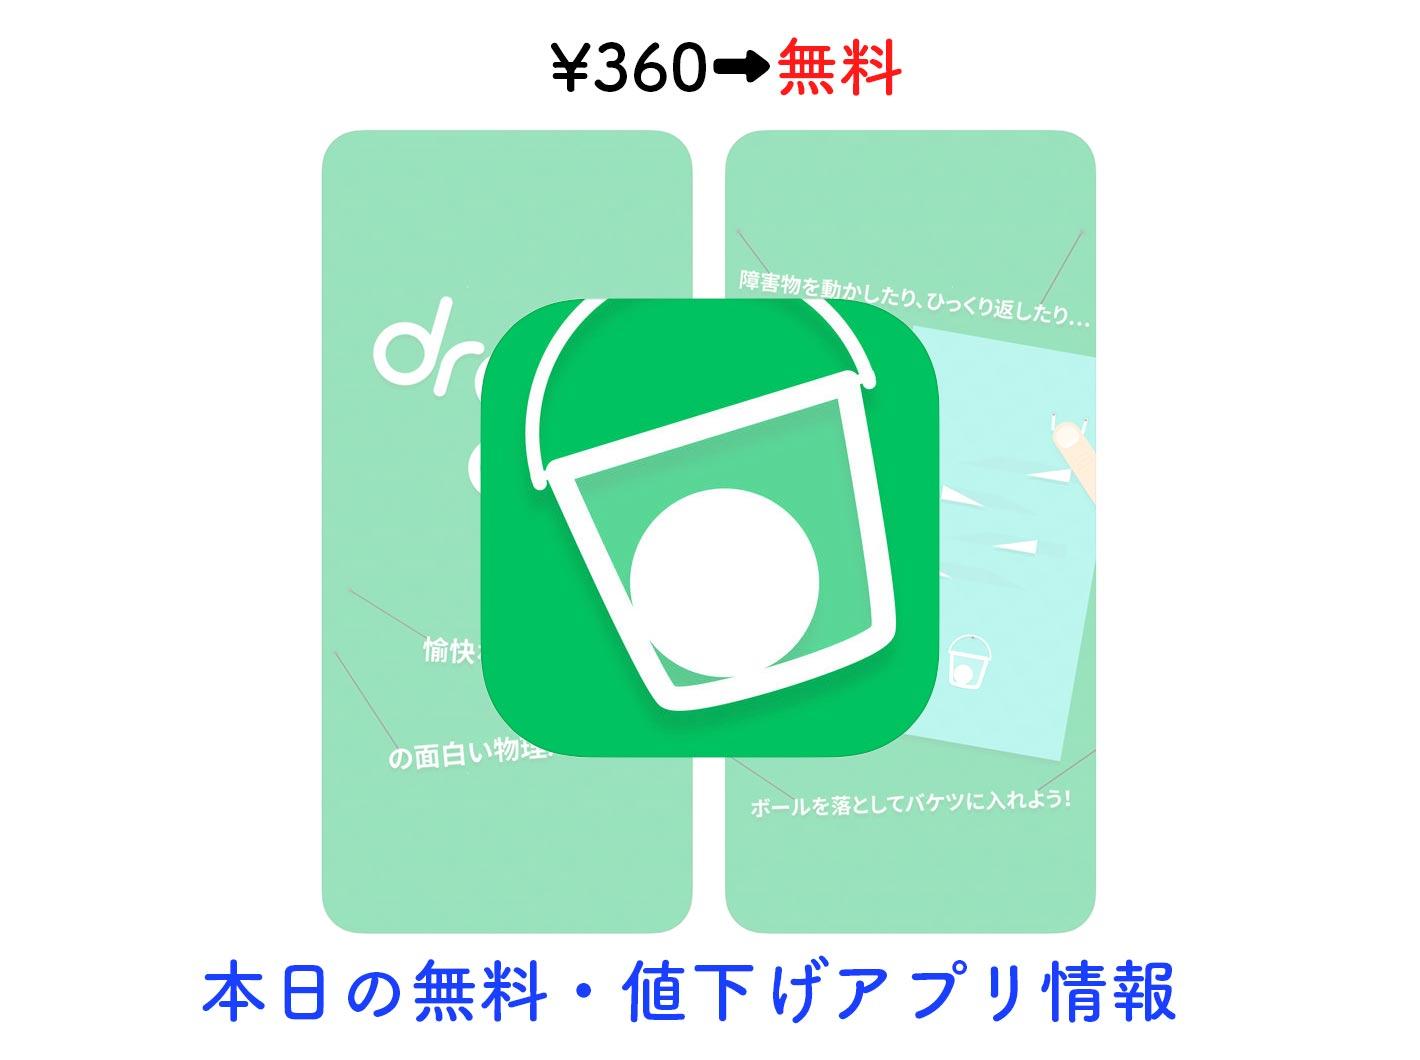 360円→無料、シンプルながらハマる物理パズル「Drop Flip」など【8/20】セールアプリ情報